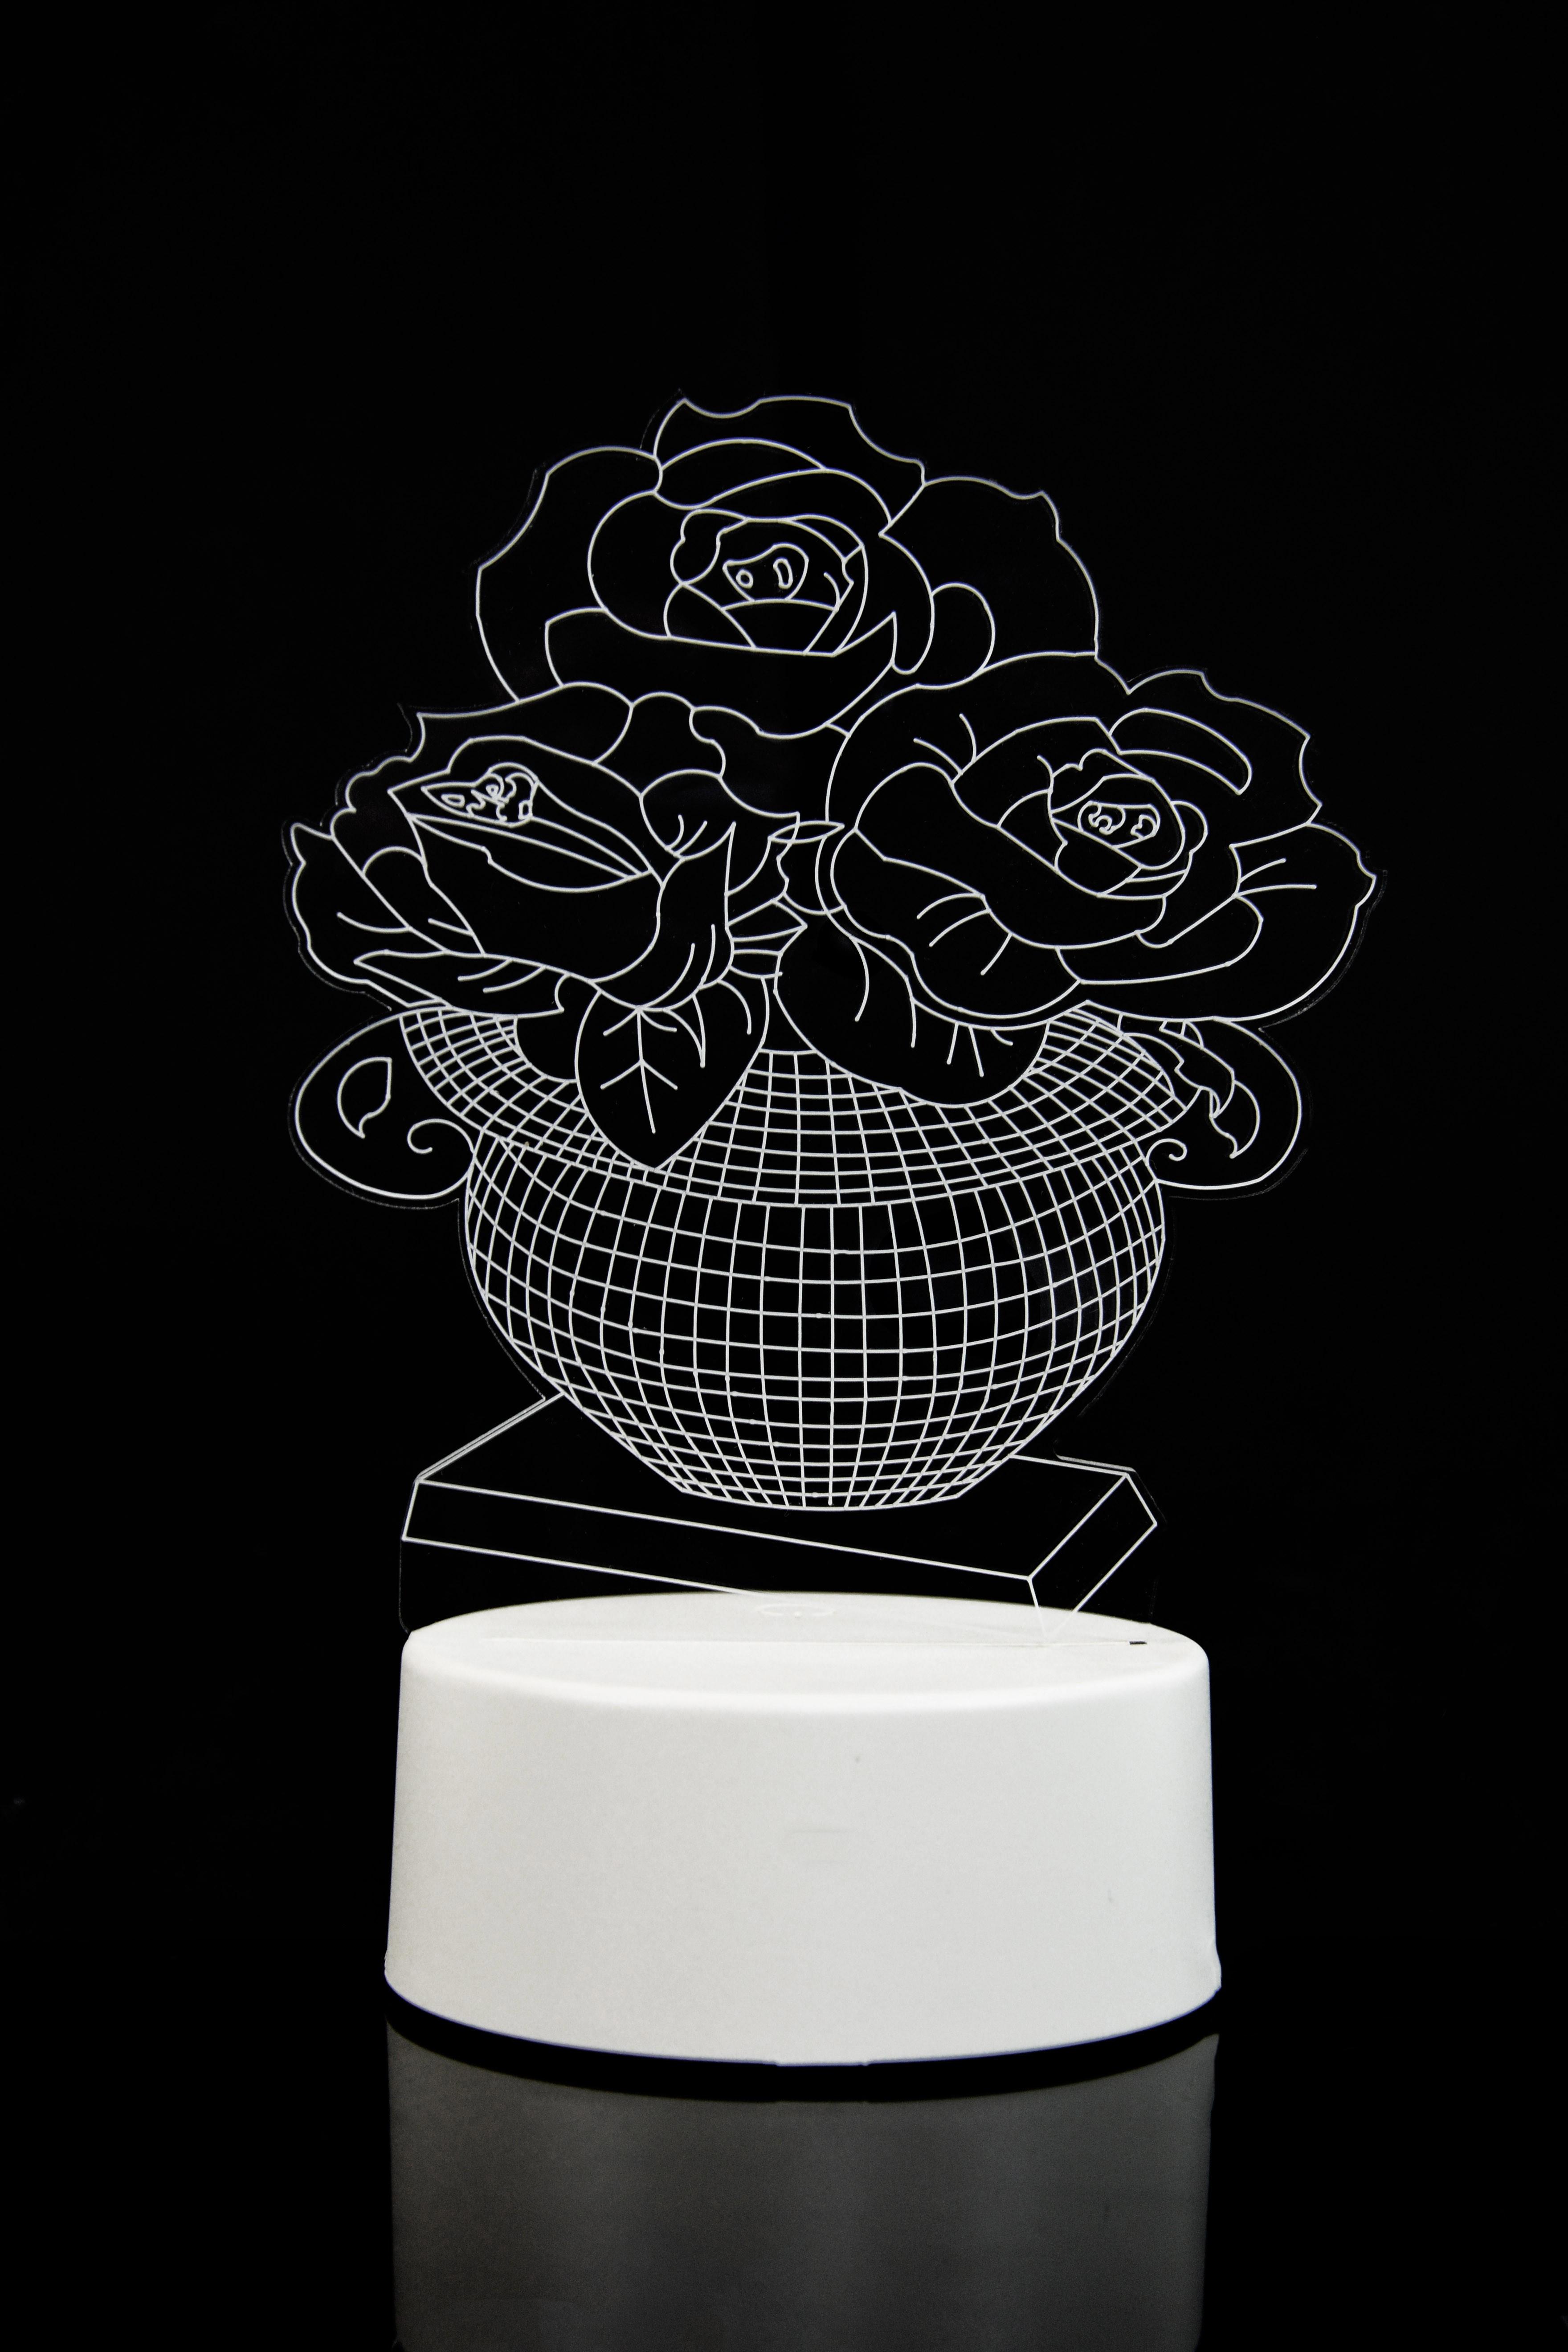 3D светильник Розы в вазе 3 цвета в Москве